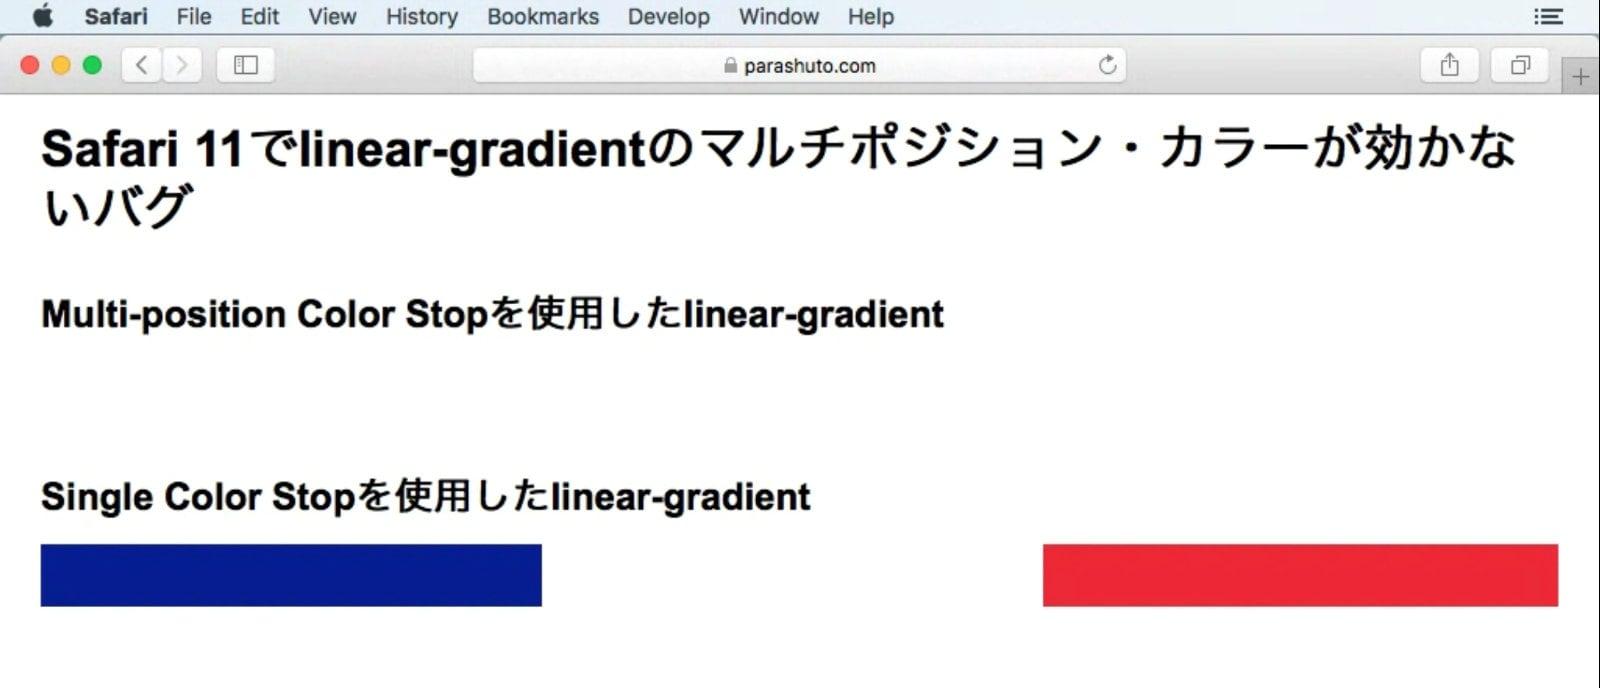 Browserstackでテストした際のキャプチャ画像。Safari 11で見るとdouble-position color stopを使ったlinear-gradientが表示されない